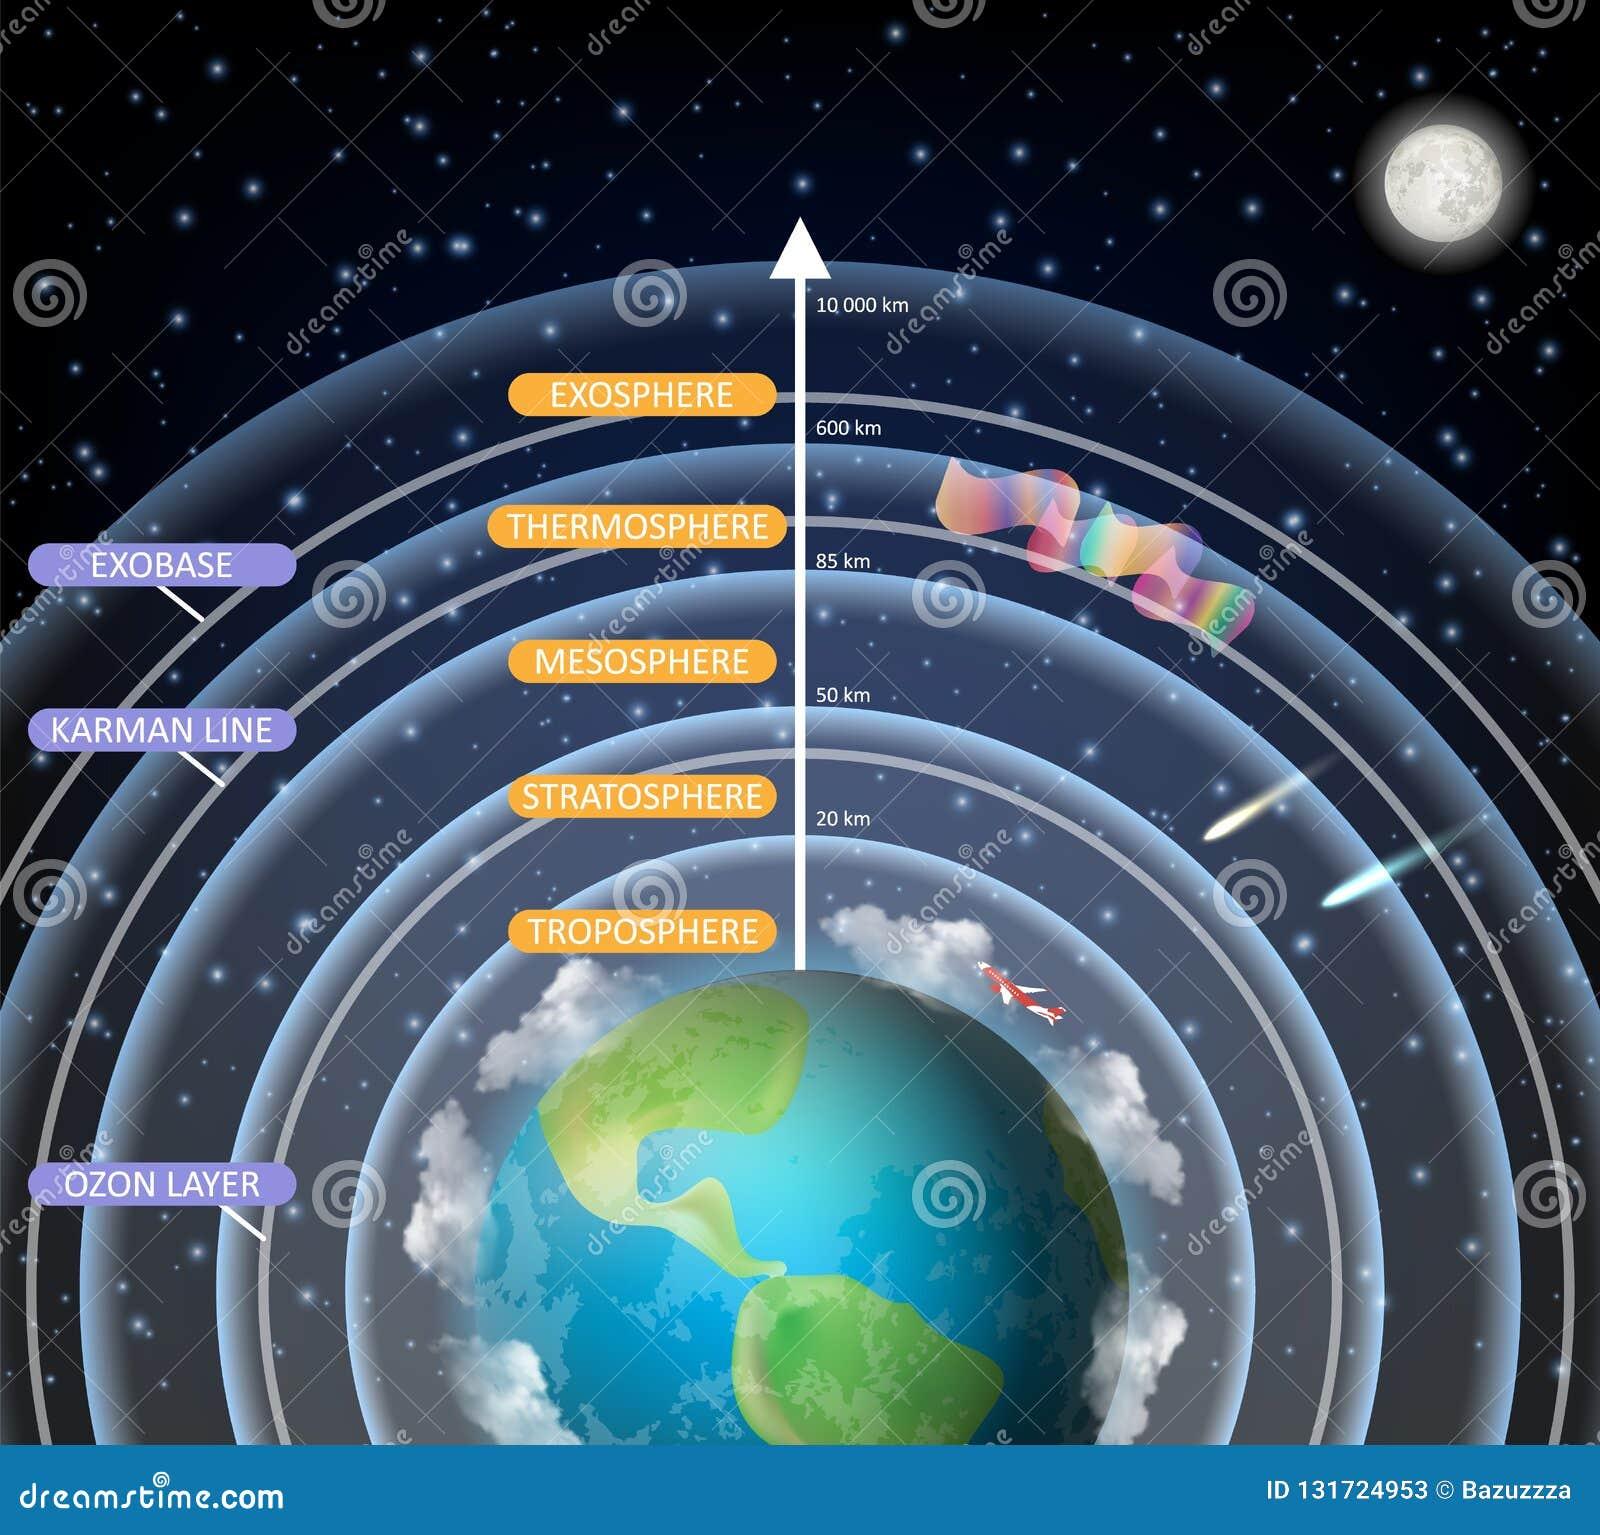 Diagrama Educacional Do Vetor De Camadas Da Atmosfera Da Terra